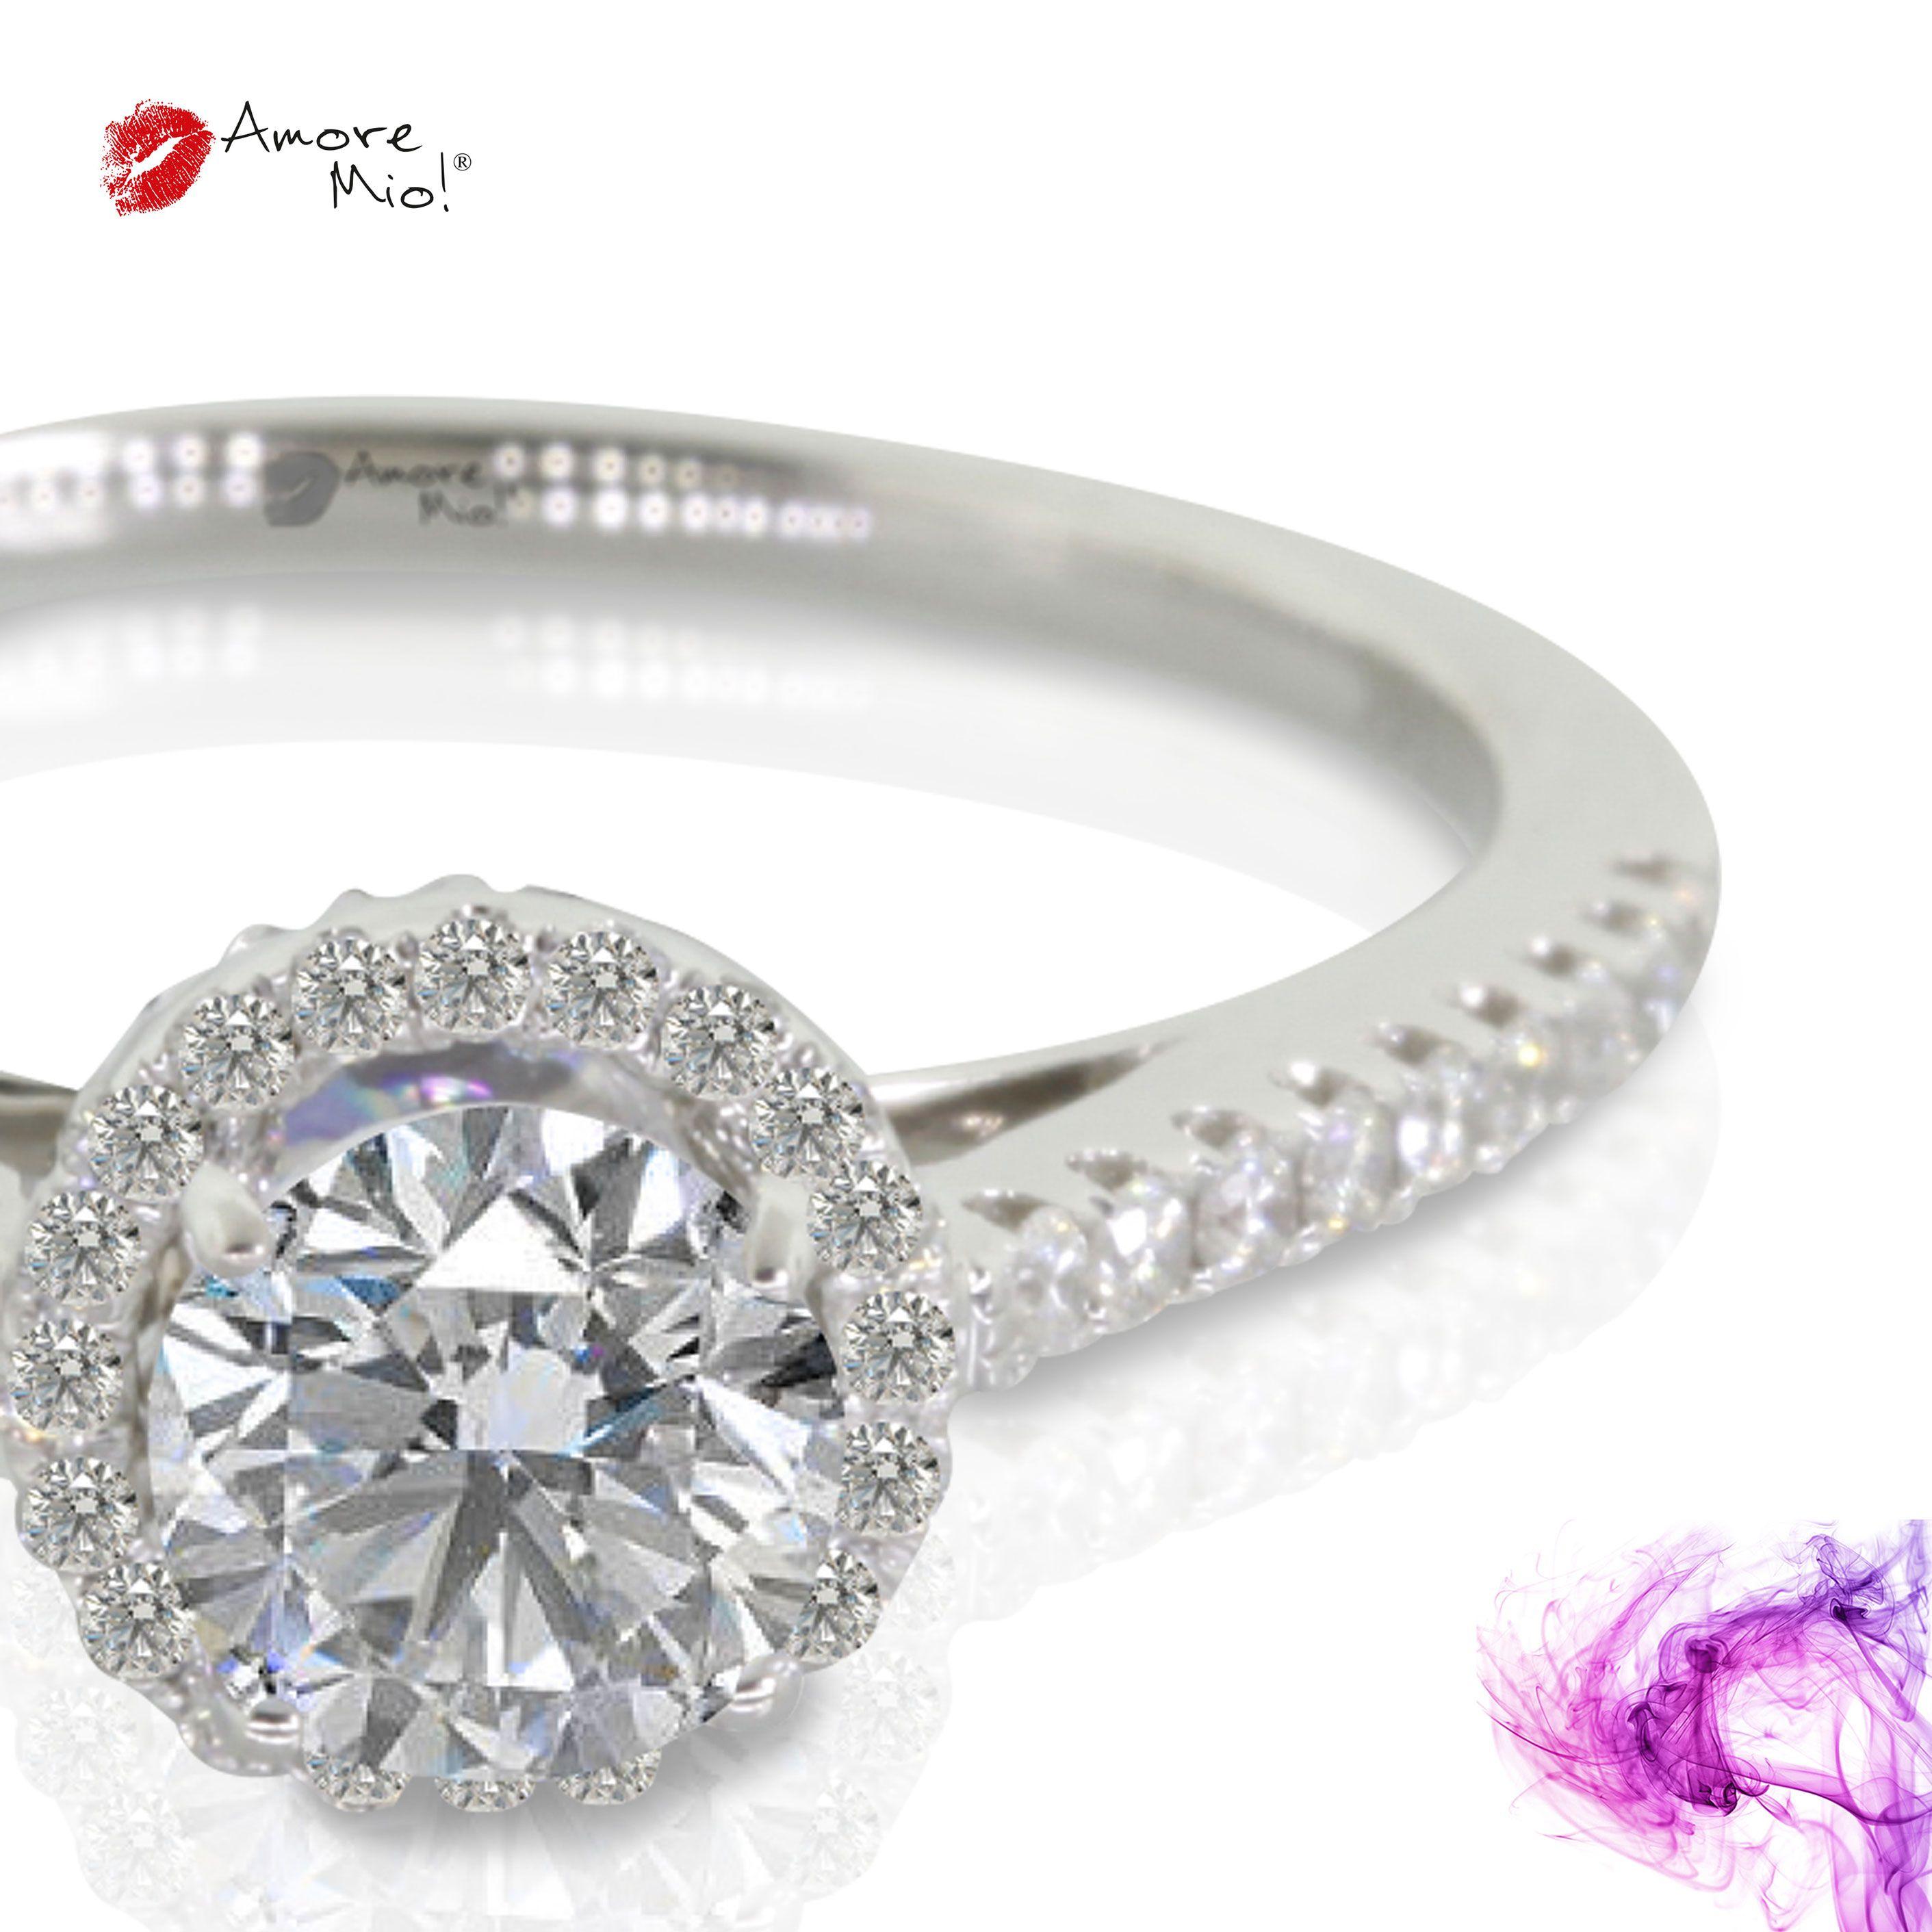 Anillo de oro Blanco 14Kt Modelo: WG1430207 Diamante redondo 0.41 quilates. Color-I Claridad VS2 Laboratorio- GIA, SKU Diamante: 1135736222 Precio: $30,151.33 pesos M.N *Consulte términos y condiciones